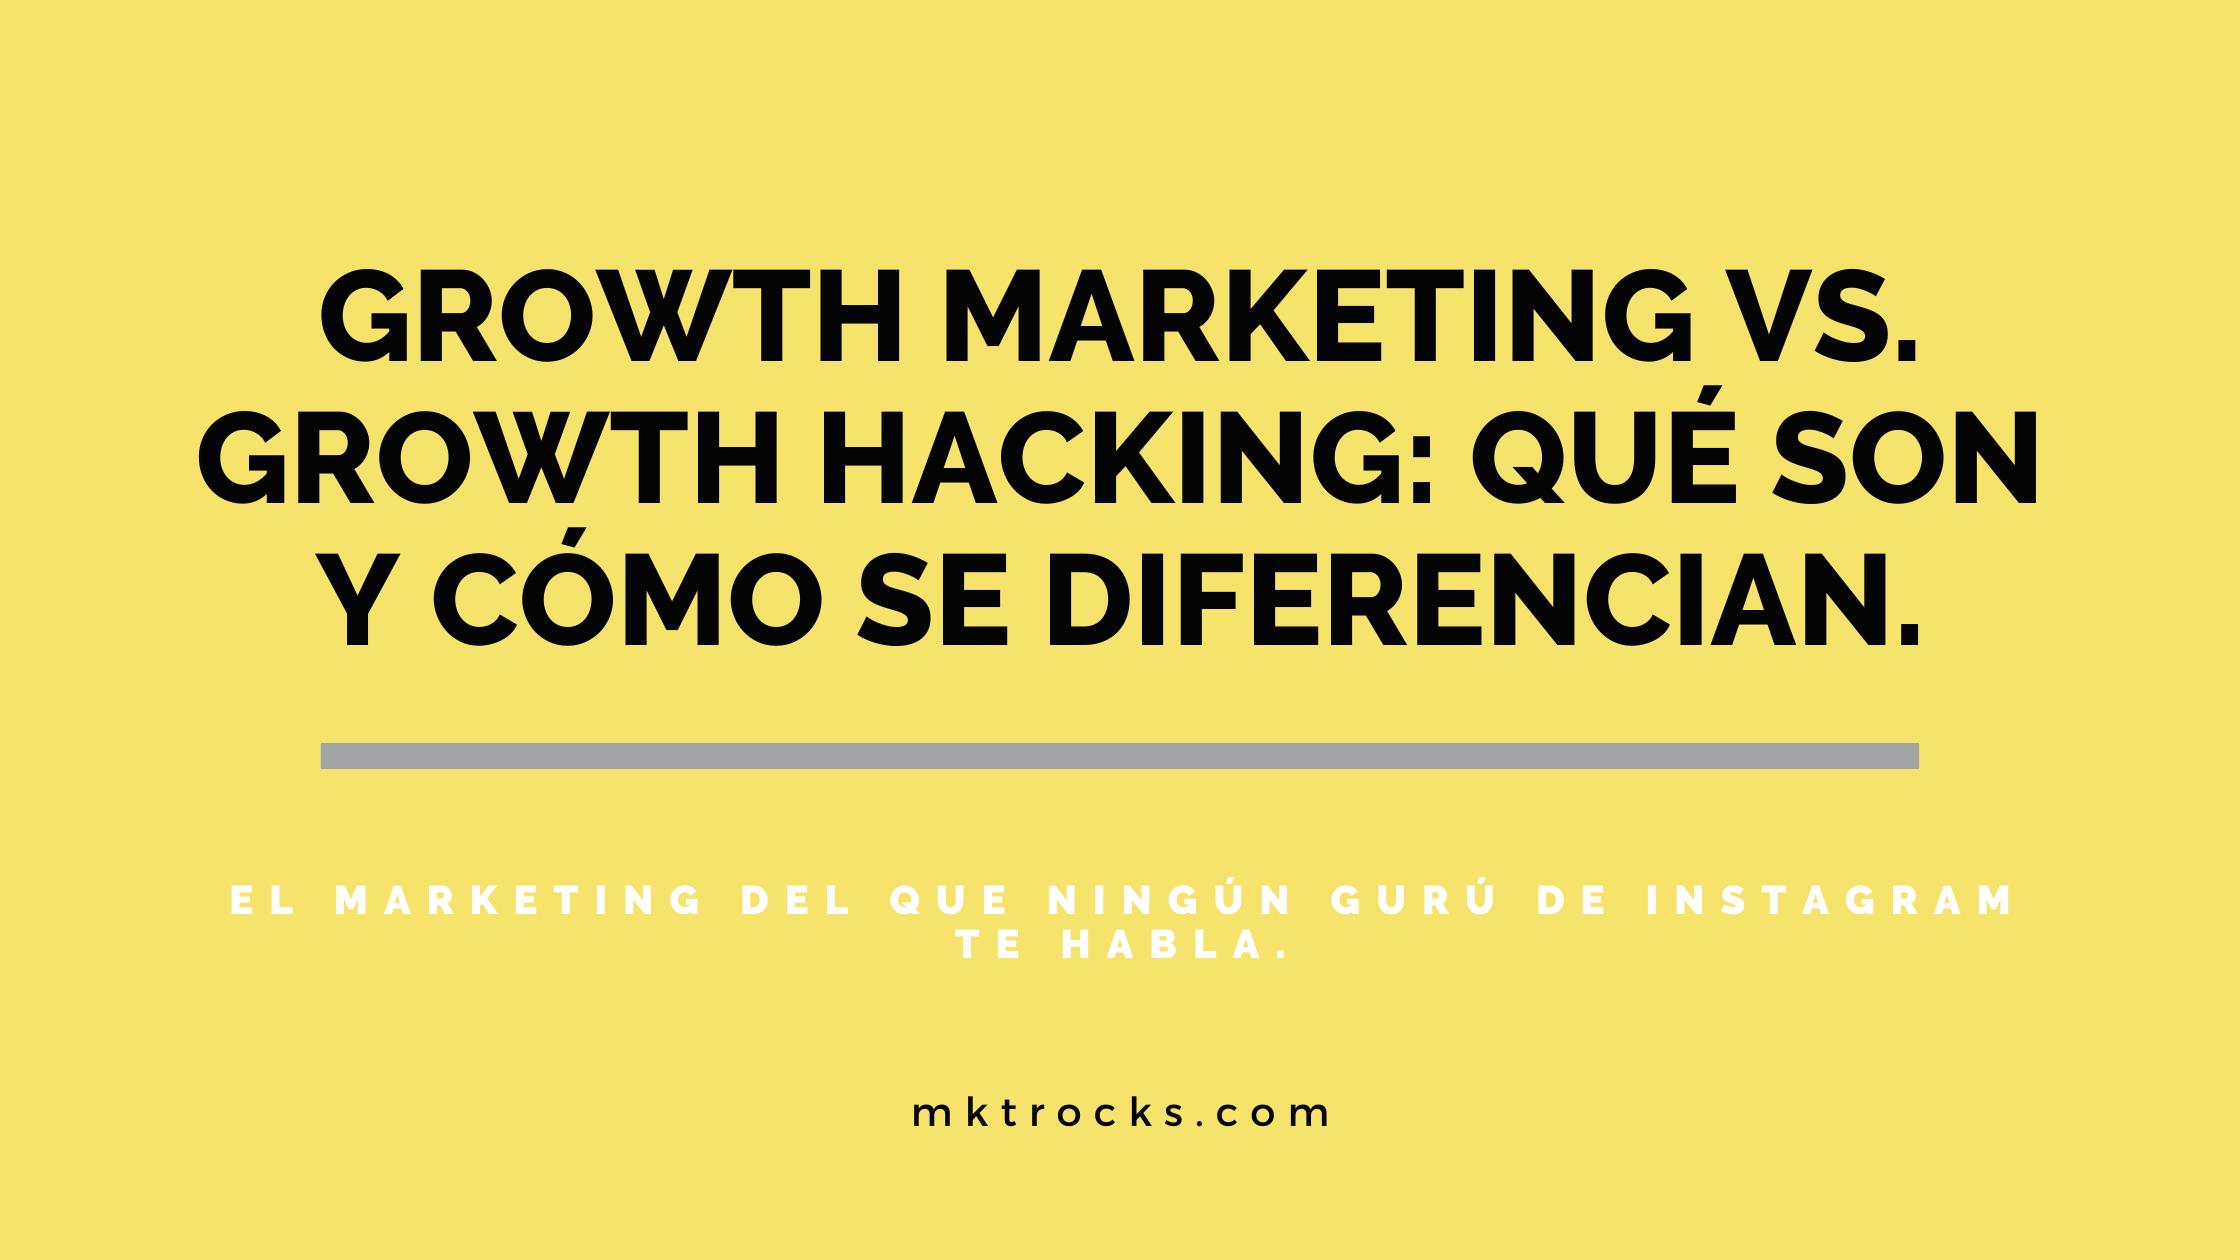 Growth Marketing vs. Growth Hacking: Qué son, cómo se diferencian y por qué los necesitas para tu negocio. El Blog de Marketing Rocks Walo Jalil Nadia Nemer